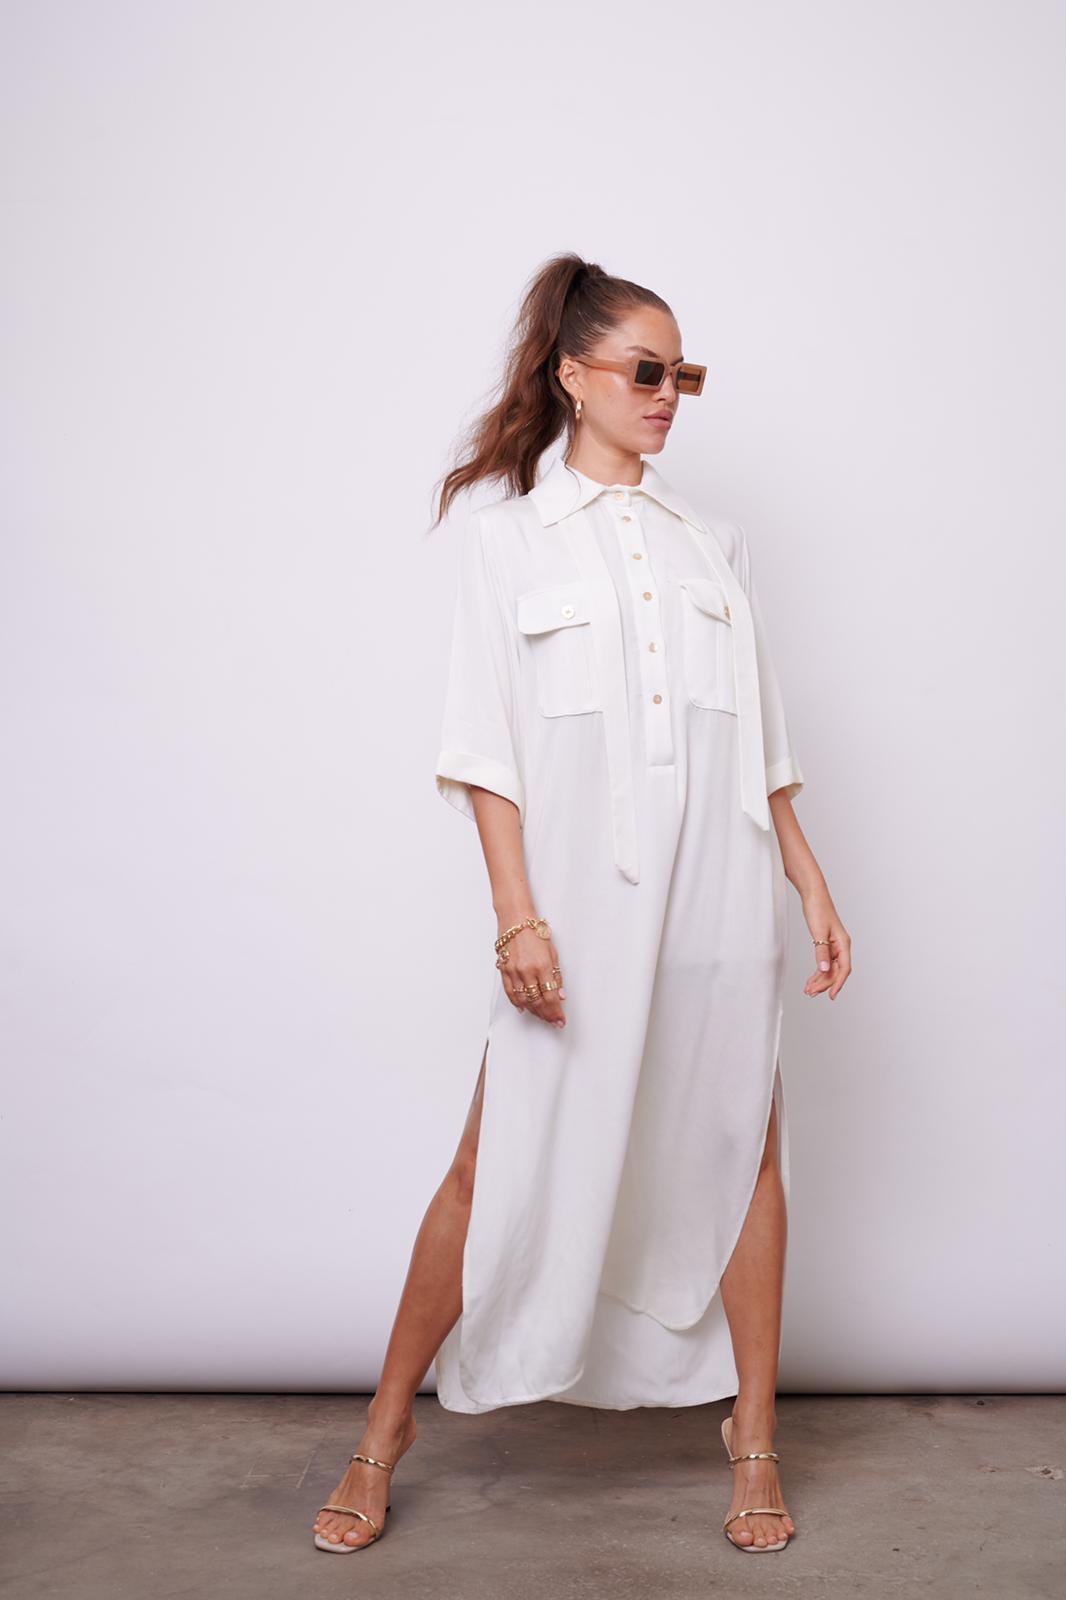 שמלת לקסוס לבן